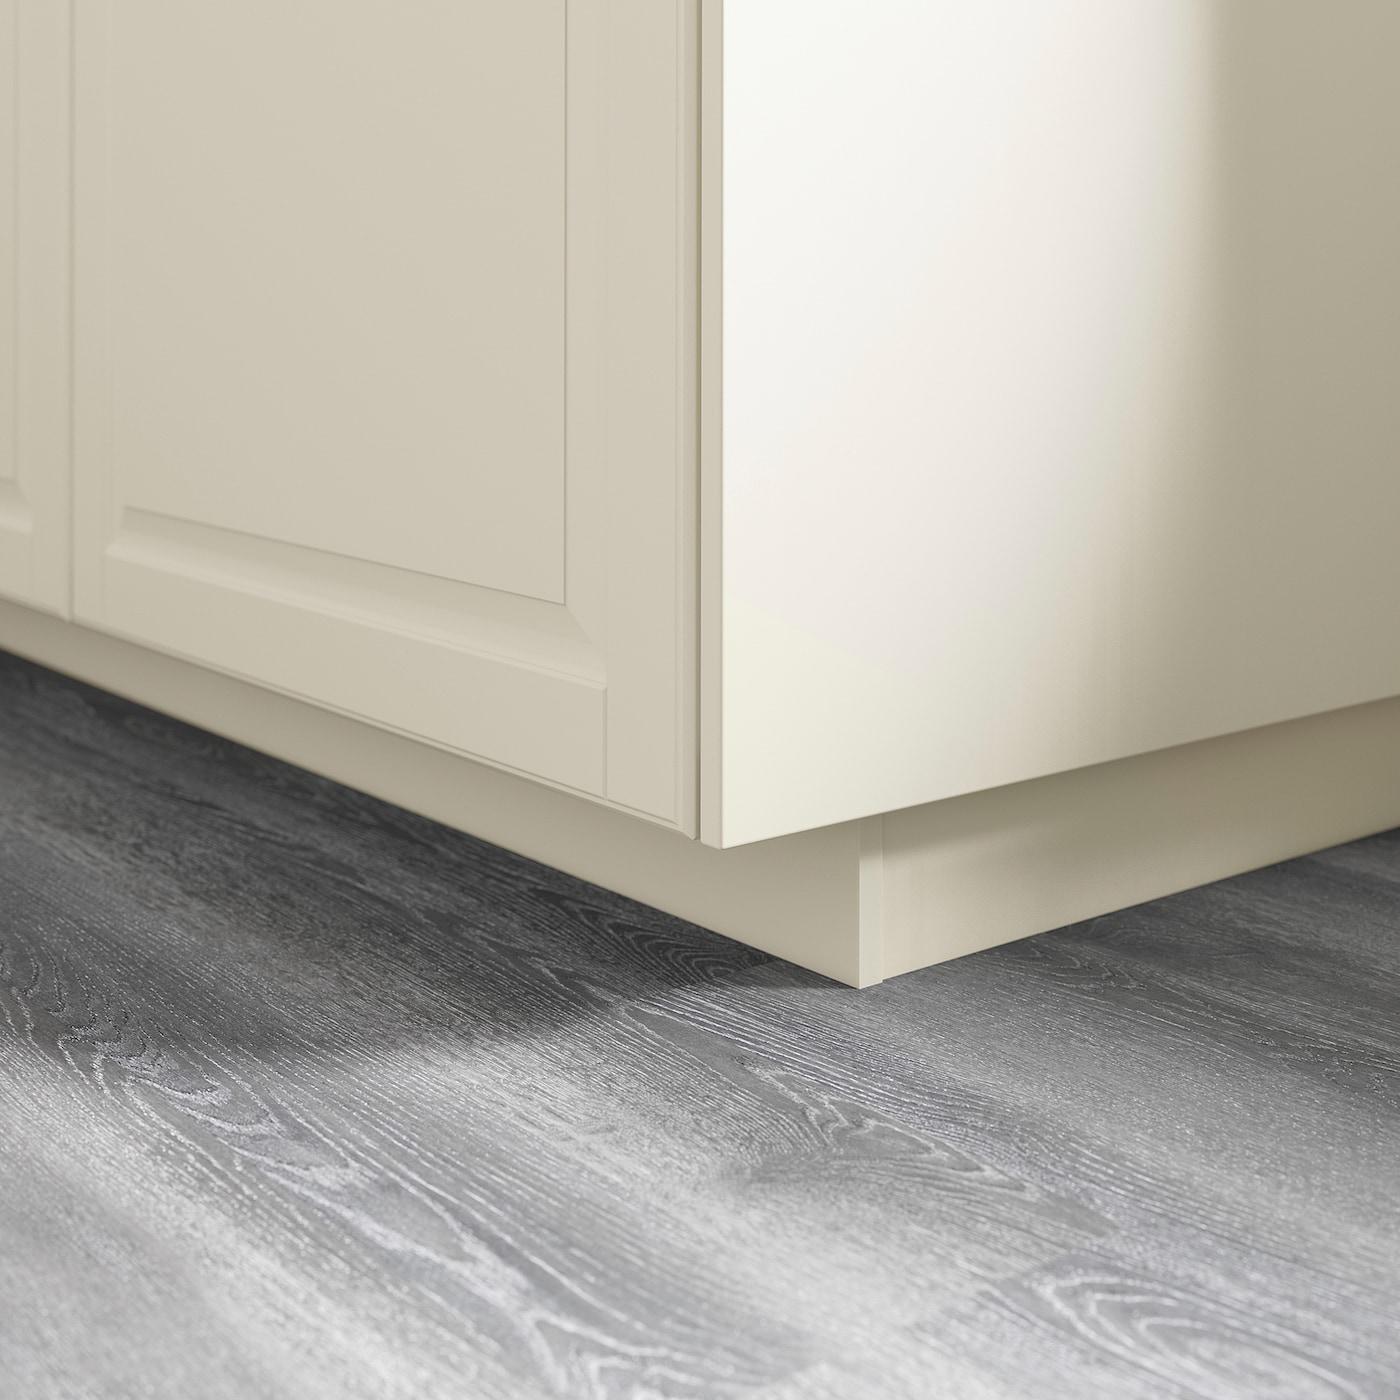 Forbattra Sockel Elfenbeinweiss Ikea Deutschland